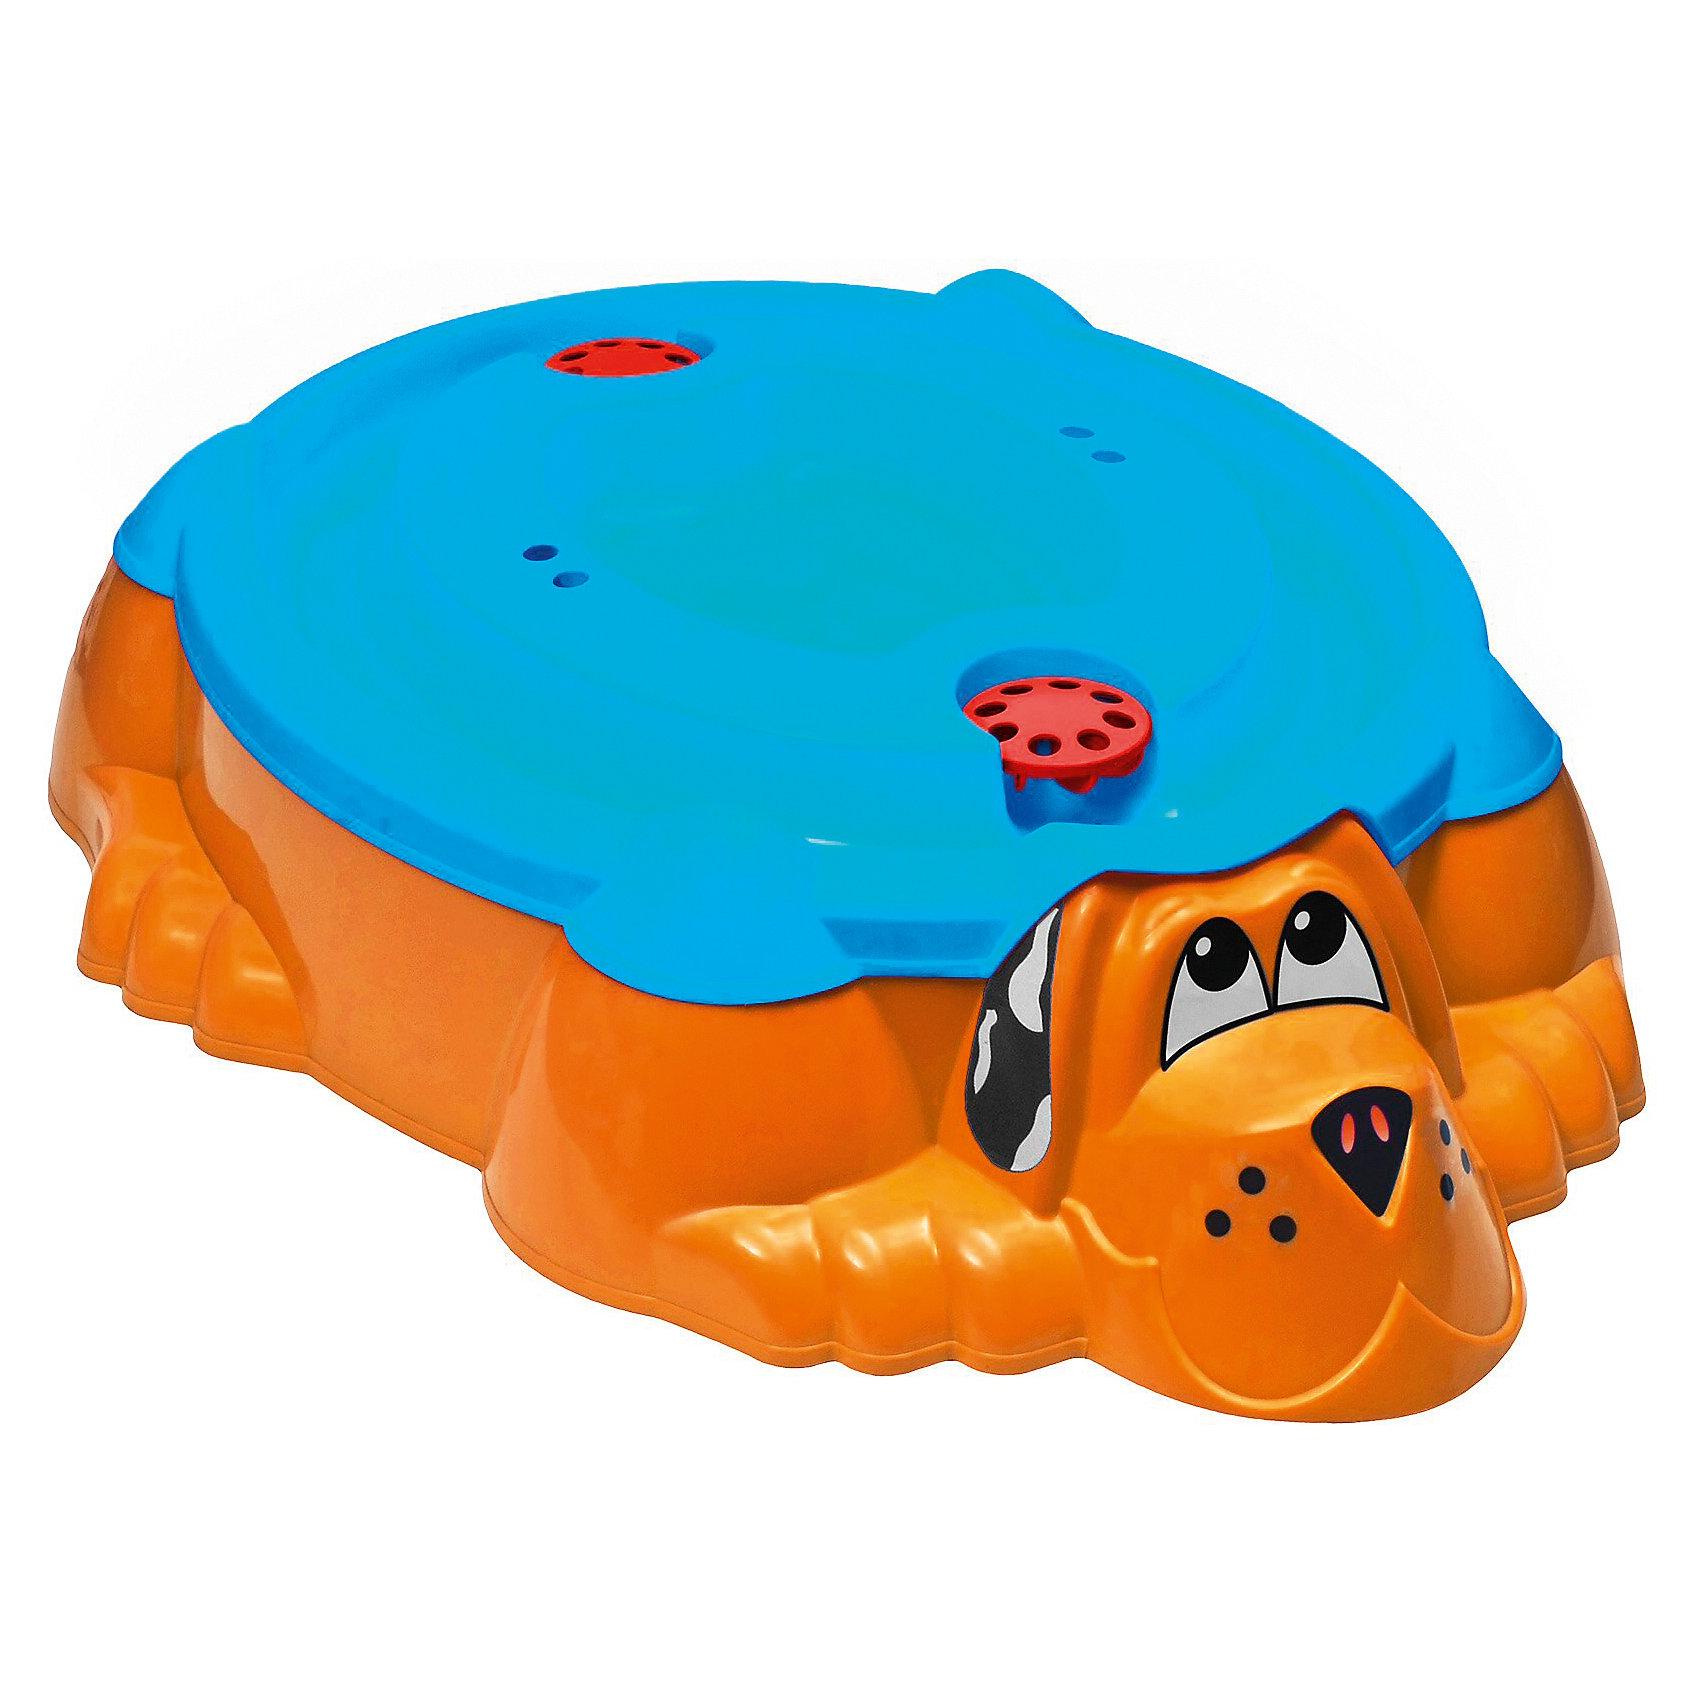 Песочница-бассейн Собачка с крышкой, желтый, MarianplastЗабавный пес дает возможность выбора, кем ему быть: песочницей или бассейном для Вашего ребенка.<br><br>Благодаря крышке, пес или песок в песочнице всегда останутся сухими, даже после дождя.<br>Песочница достаточно вместительная, подойдет для нескольких ребятишек. Внутри есть выступы, на которых малыши смогут посидеть и передохнуть, если вдруг устанут. <br>Песочница имеет удобную функциональную крышку. Если вдруг пошел дождик, то песочницу можно накрыть. Крышку можно использовать также  как мини - бассейн. Крышка имеет специальные углубления - воронки, если в них налить водичку и запустить кораблик, то корабль будет лавировать по лабиринтам - гаваням.<br><br>Дополнительная информация:<br><br>- Материал: яркий высокопрочный пластик.<br>- Размер песочницы: 110х95 см, глубина - 25 см.<br>- Крышка у песочницы синего цвета.<br><br>ВНИМАНИЕ: данный артикул имеется в наличии в разных цветовых вариантах. Заранее выбрать определенный цвет нельзя.<br><br>Для веселой и беззаботной игры в песок. Идеально подойдет для летнего отдыха на даче.<br><br>Ширина мм: 1150<br>Глубина мм: 920<br>Высота мм: 250<br>Вес г: 5890<br>Возраст от месяцев: 12<br>Возраст до месяцев: 96<br>Пол: Унисекс<br>Возраст: Детский<br>SKU: 3210077